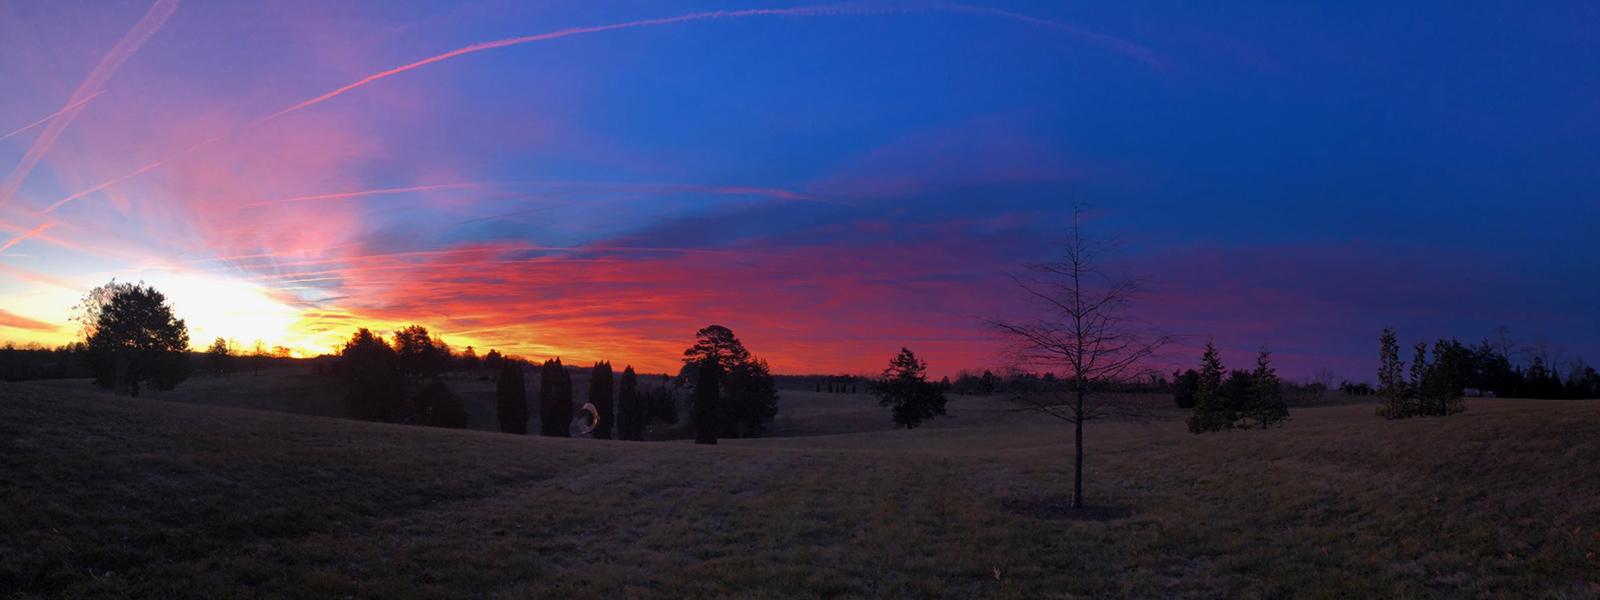 sunset over Ramiiisol